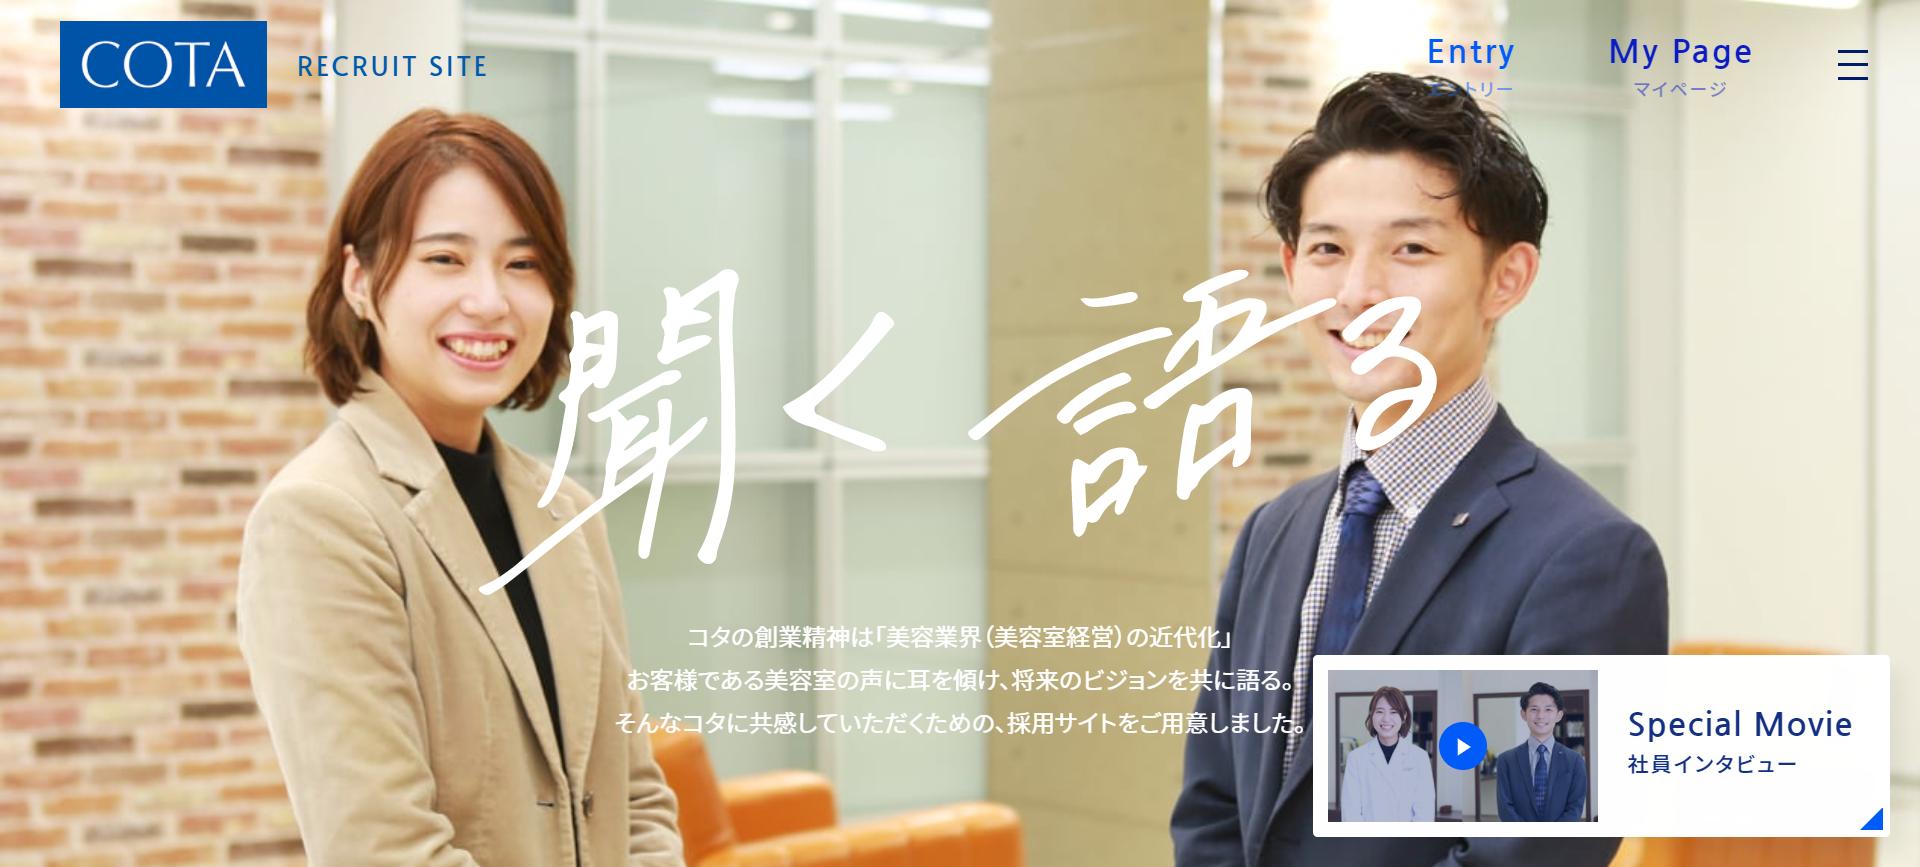 ホームページ制作実績コタ株式会社 新卒採用サイト